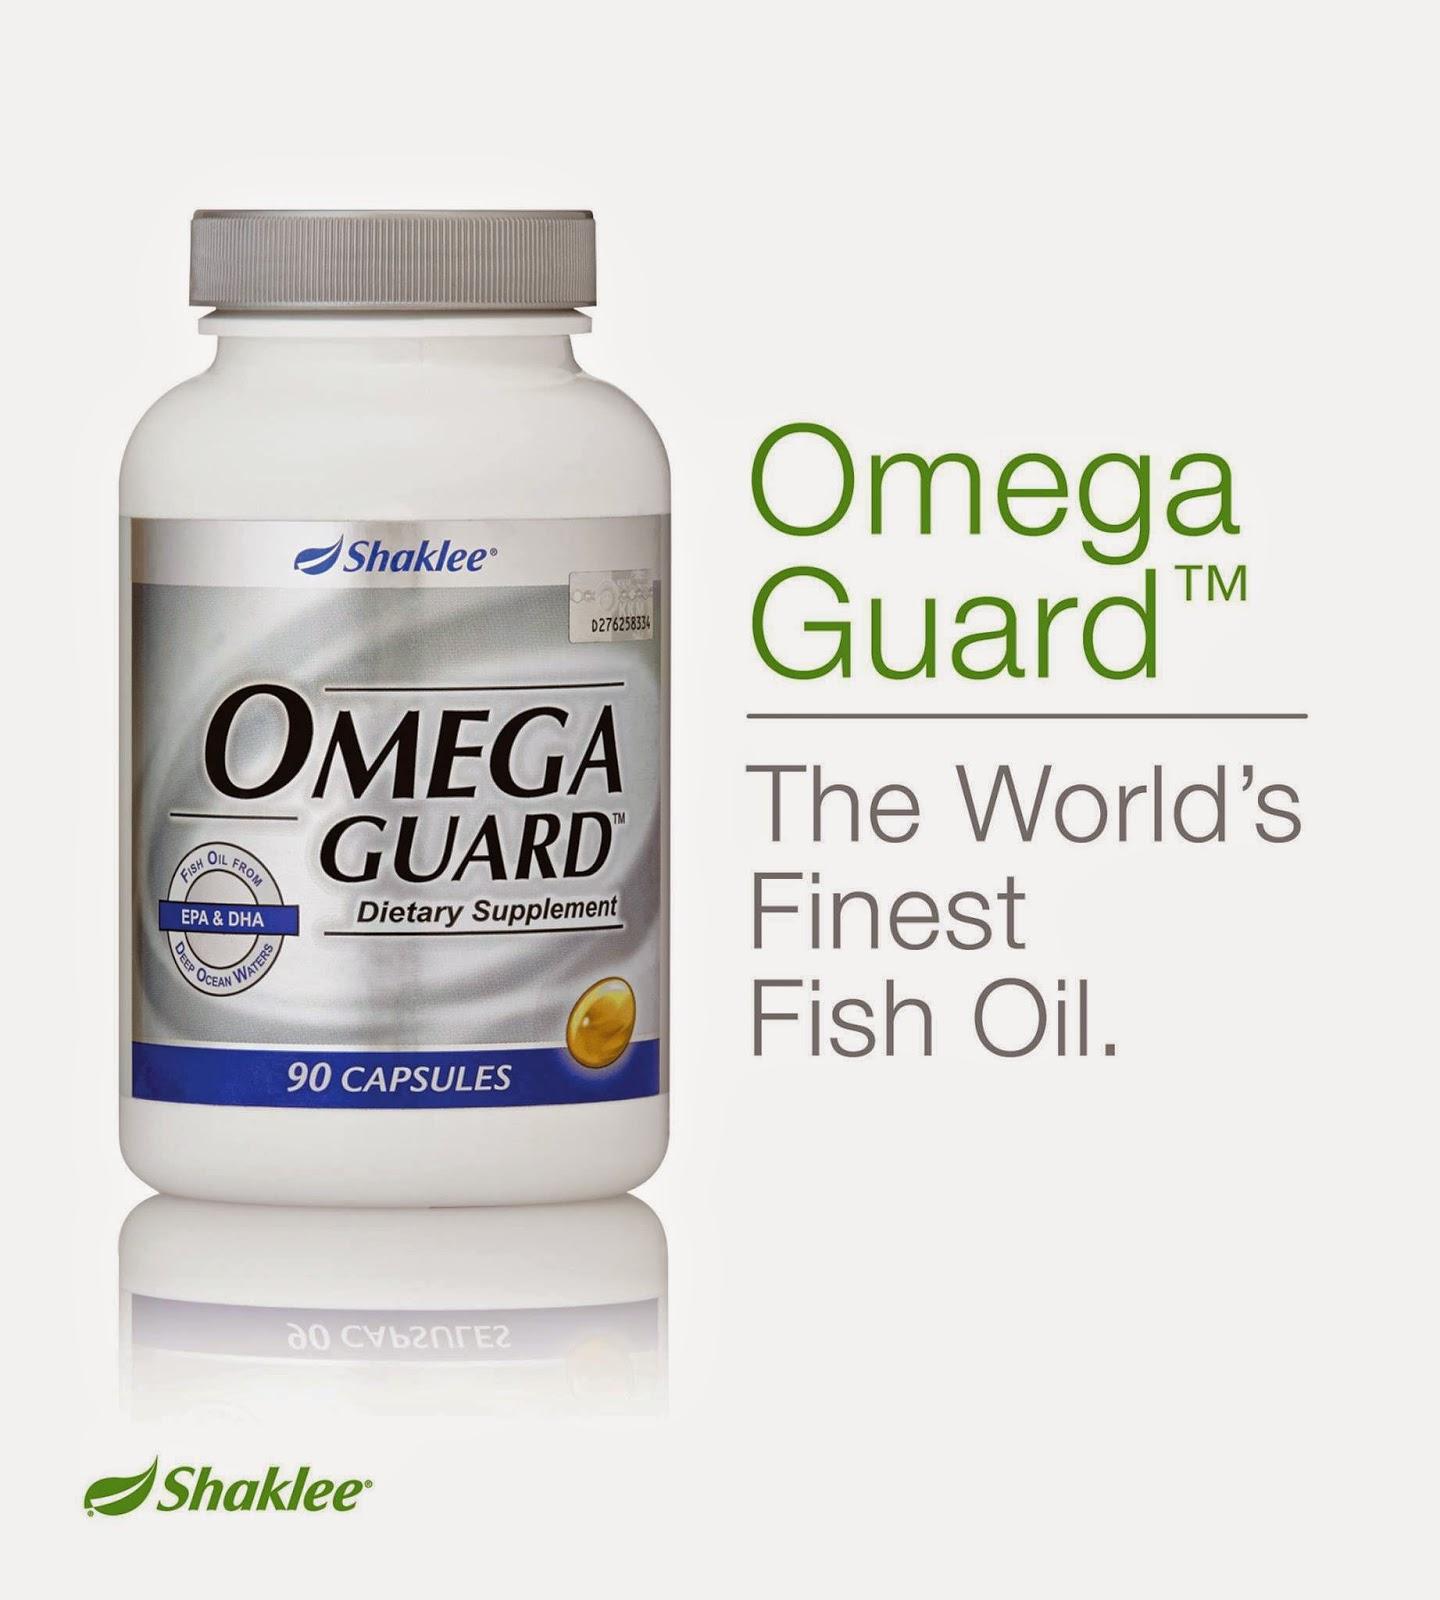 Omega Guard sumber minyak ikan tulen terbaik di dunia